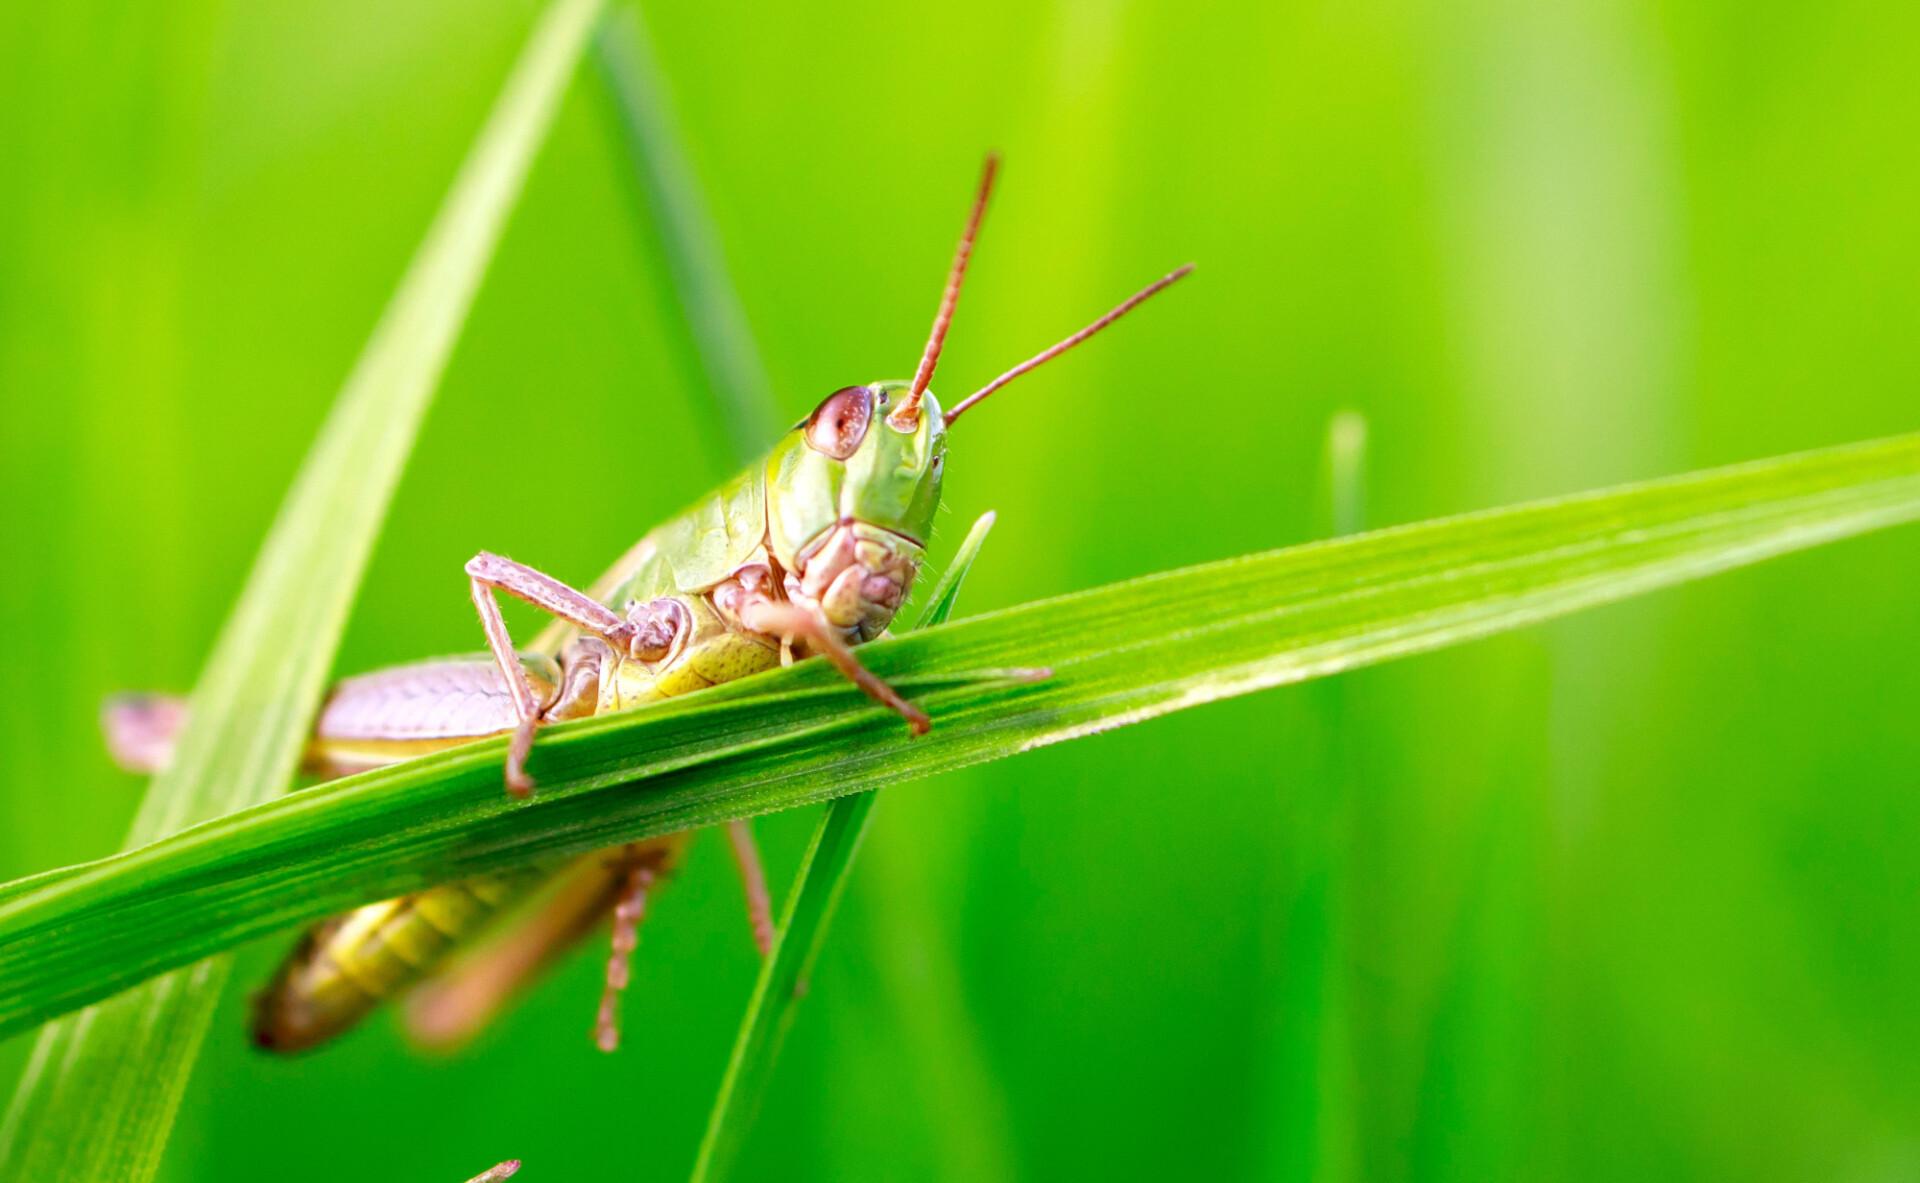 Green grasshopper macro photo